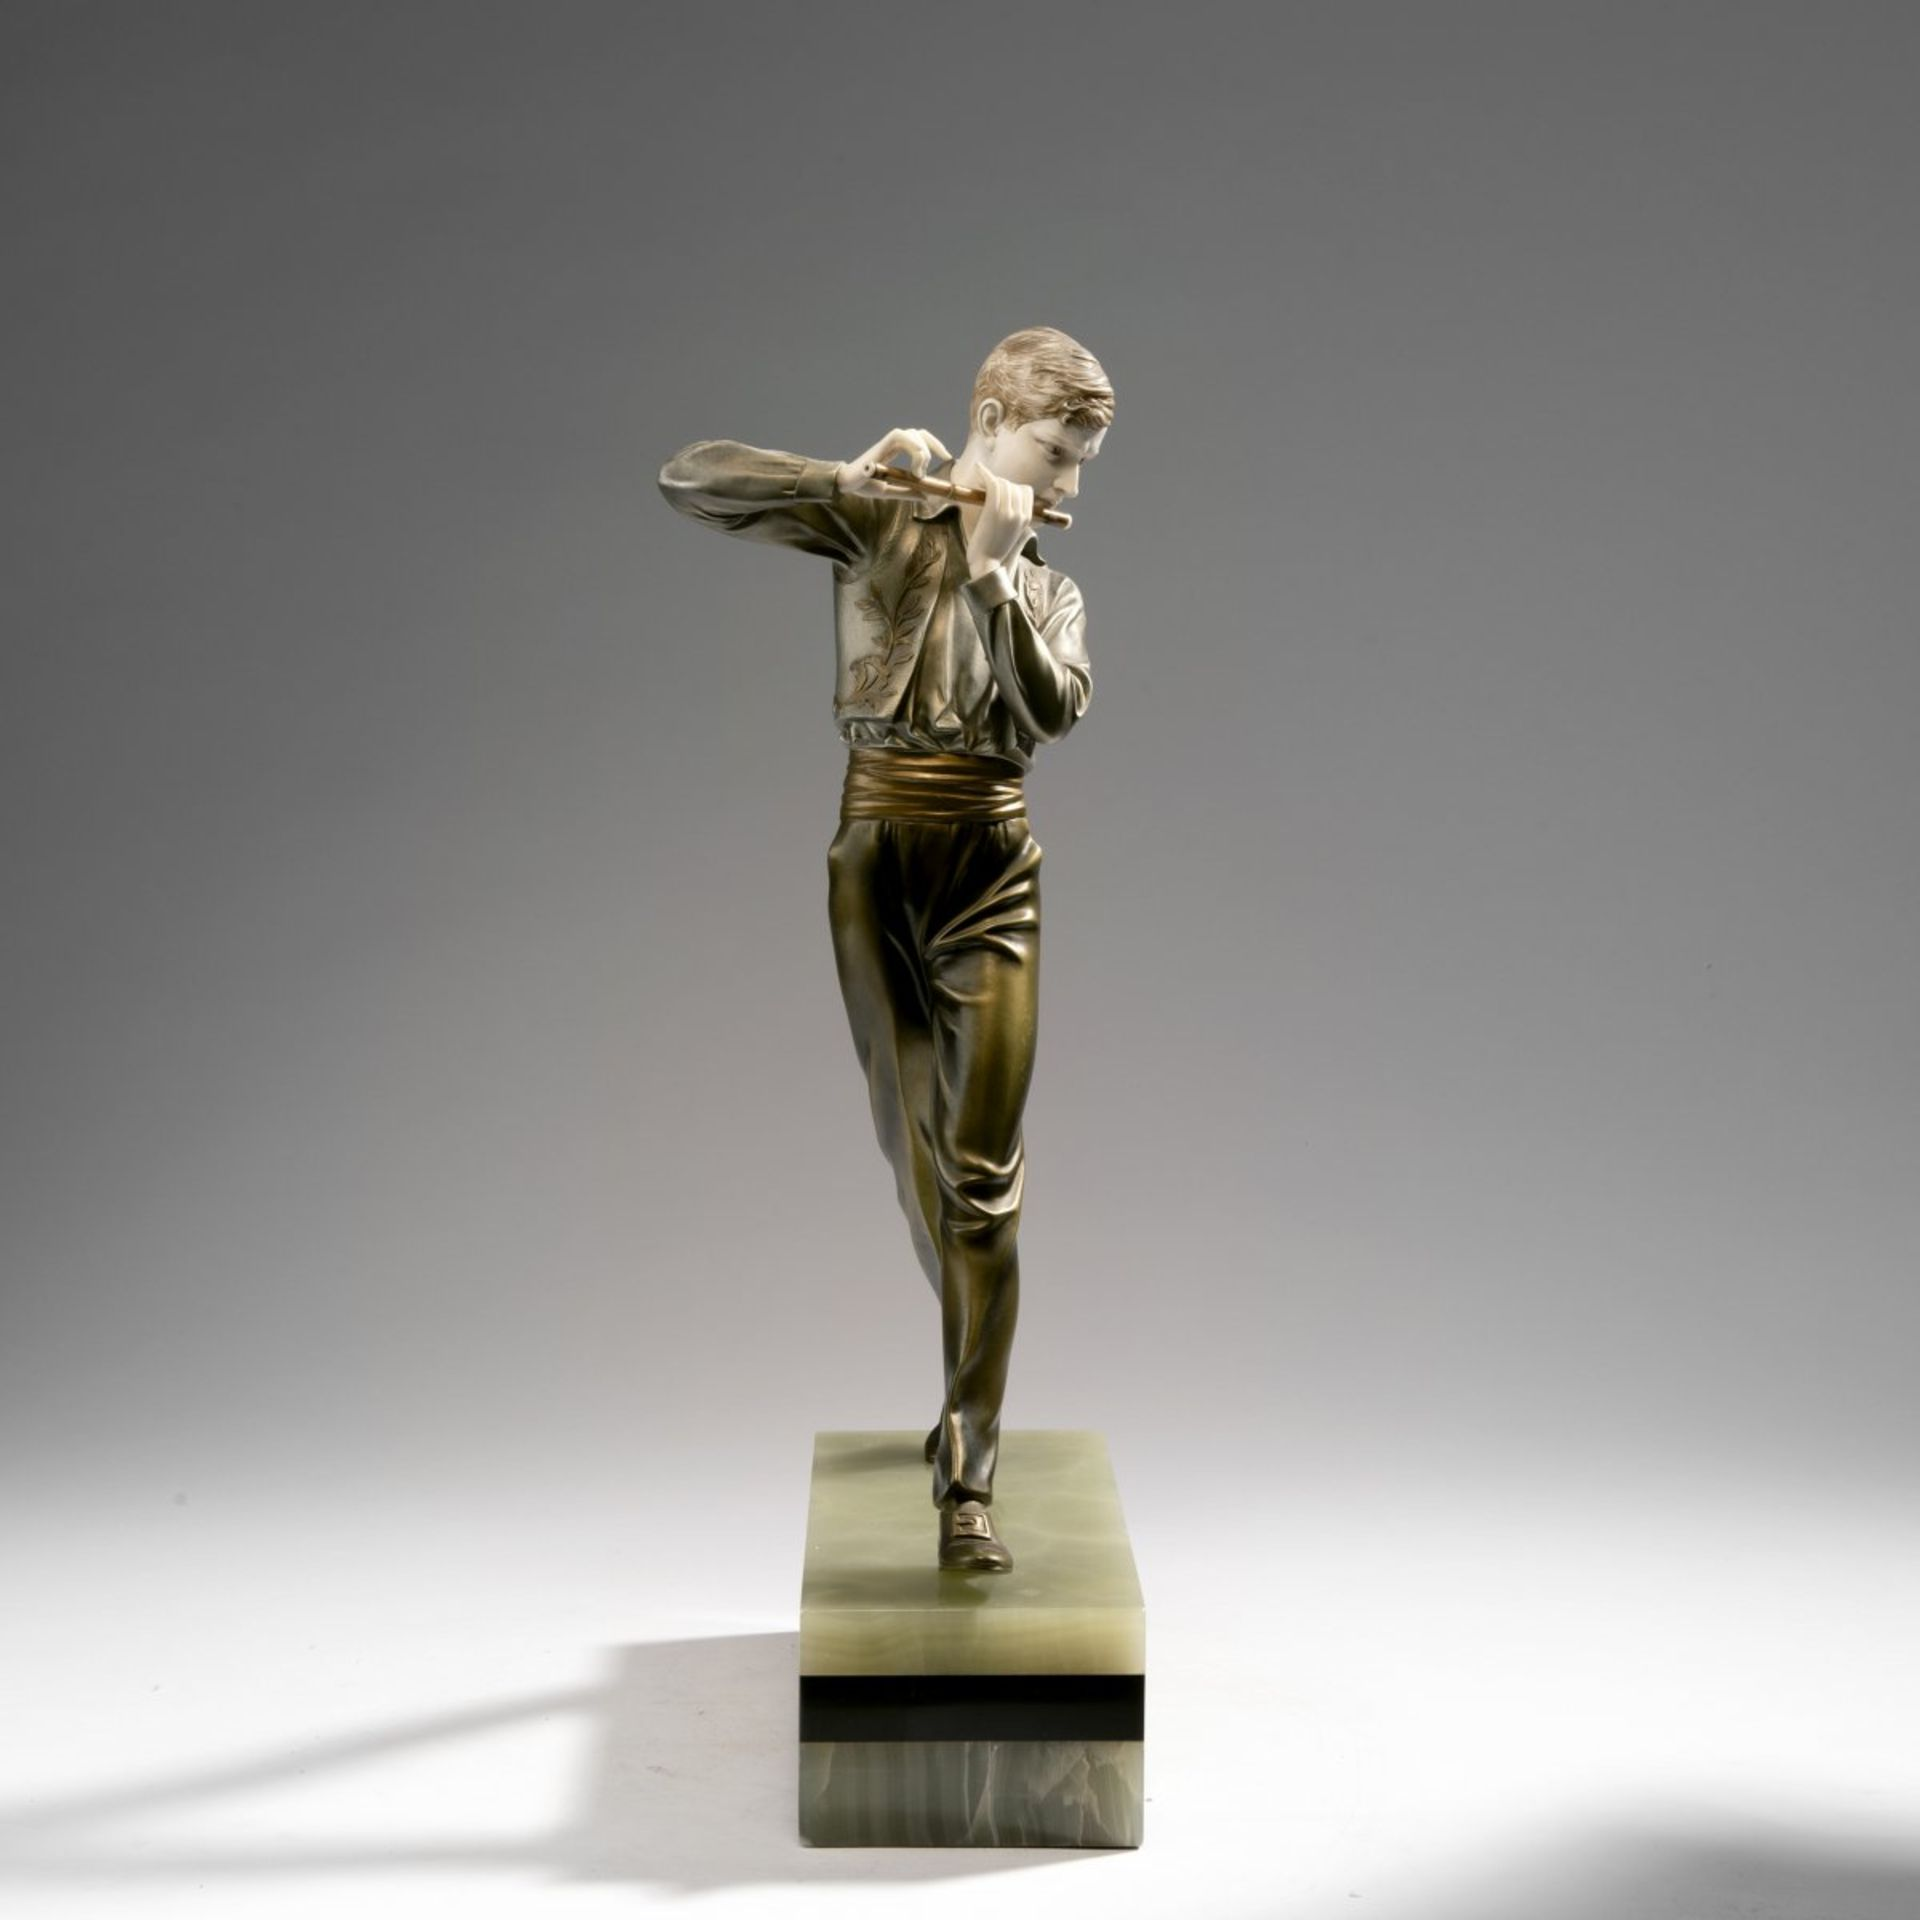 Ferdinand Preiss, 'Flötenspieler', um 1930 - Bild 9 aus 15